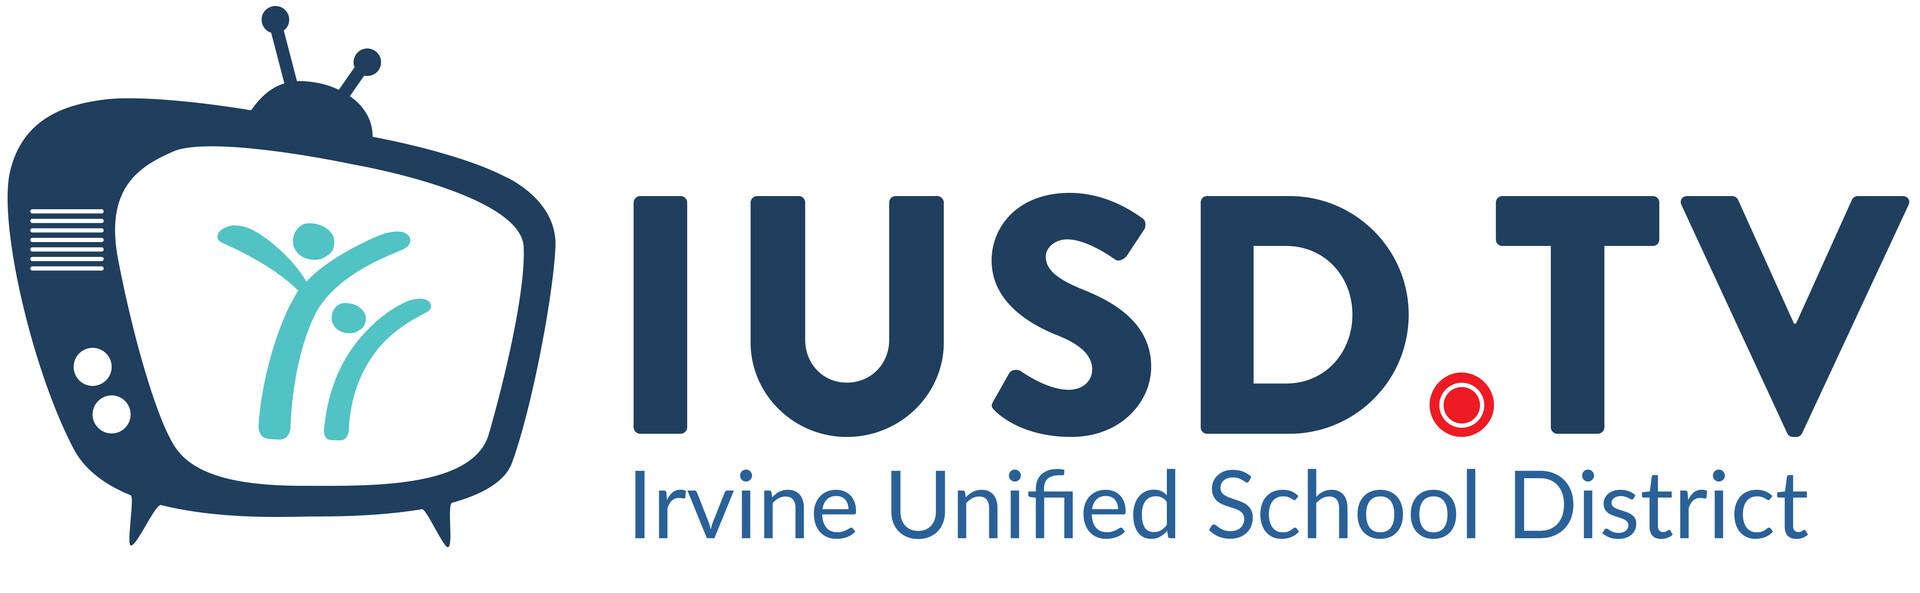 Kyle miller iusdtv logo1